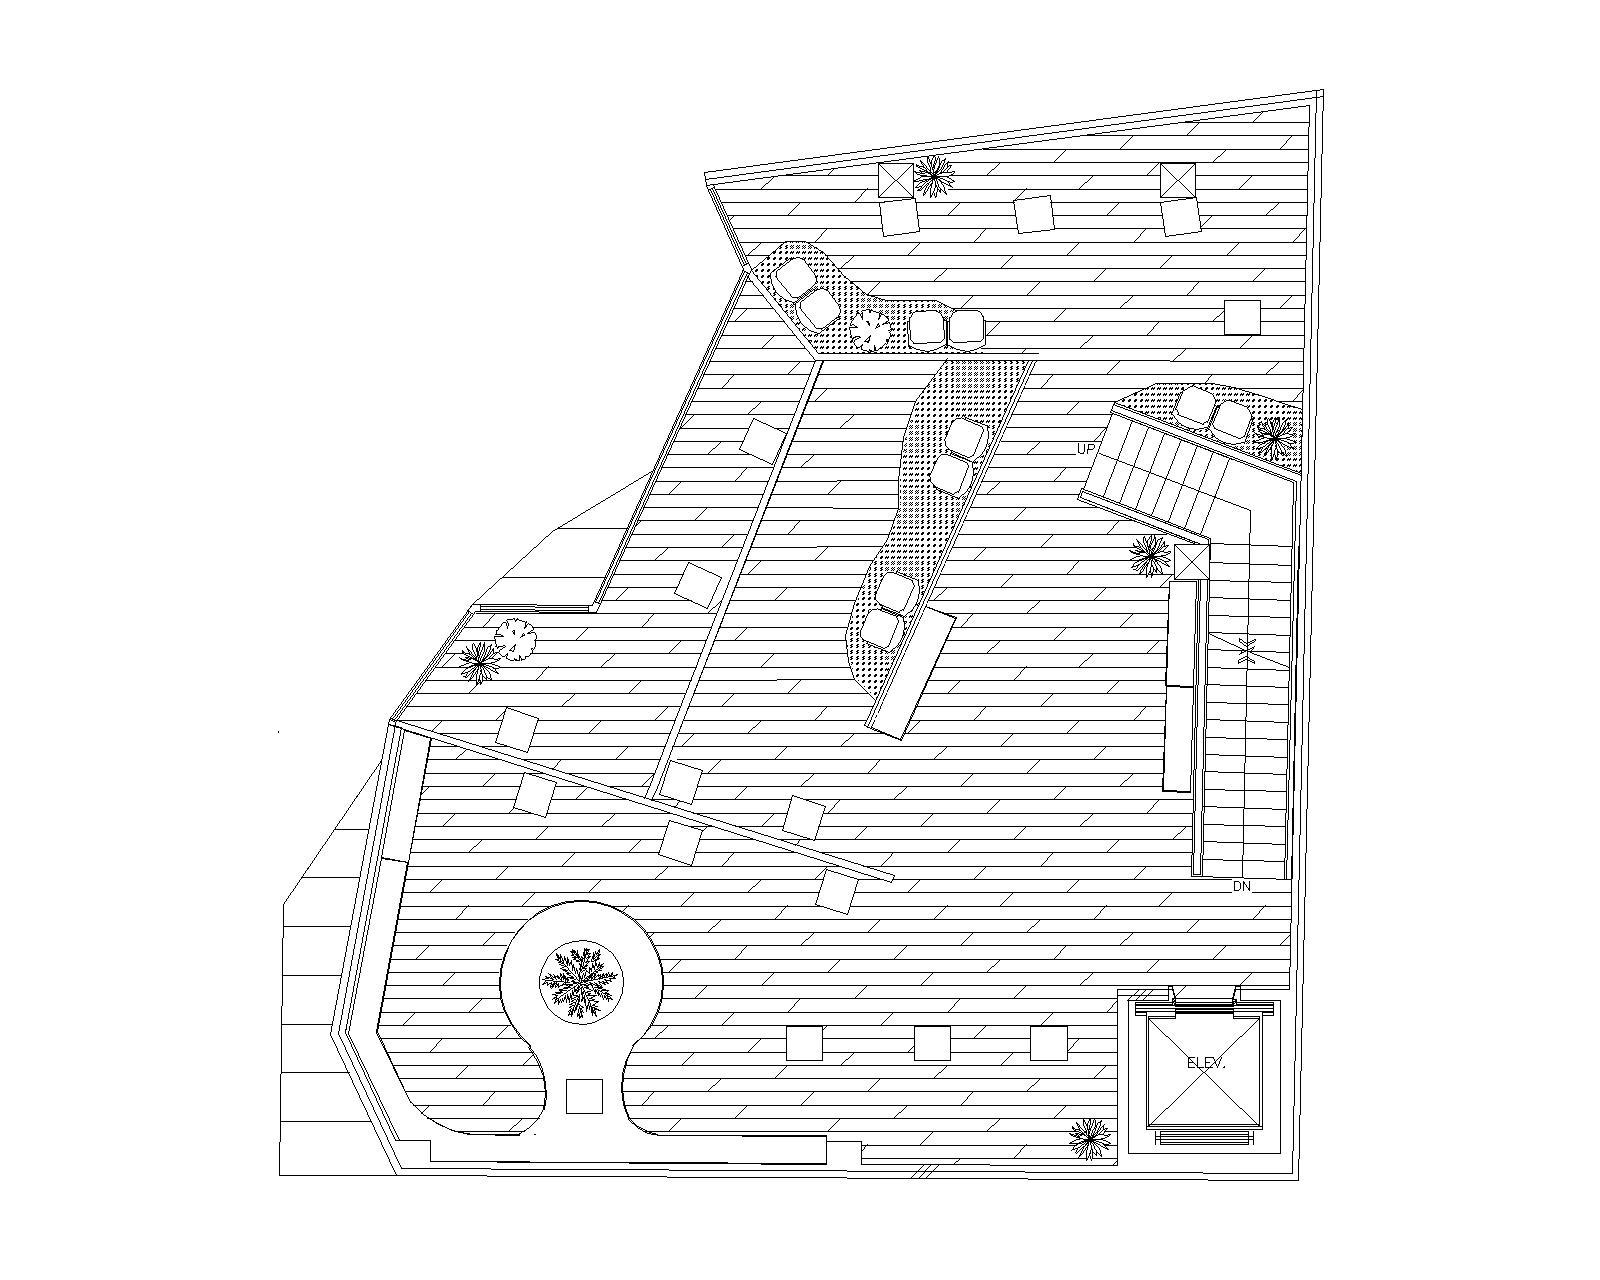 美术馆设计|空间|室内设计|繁画柒瑾 - 原创作品